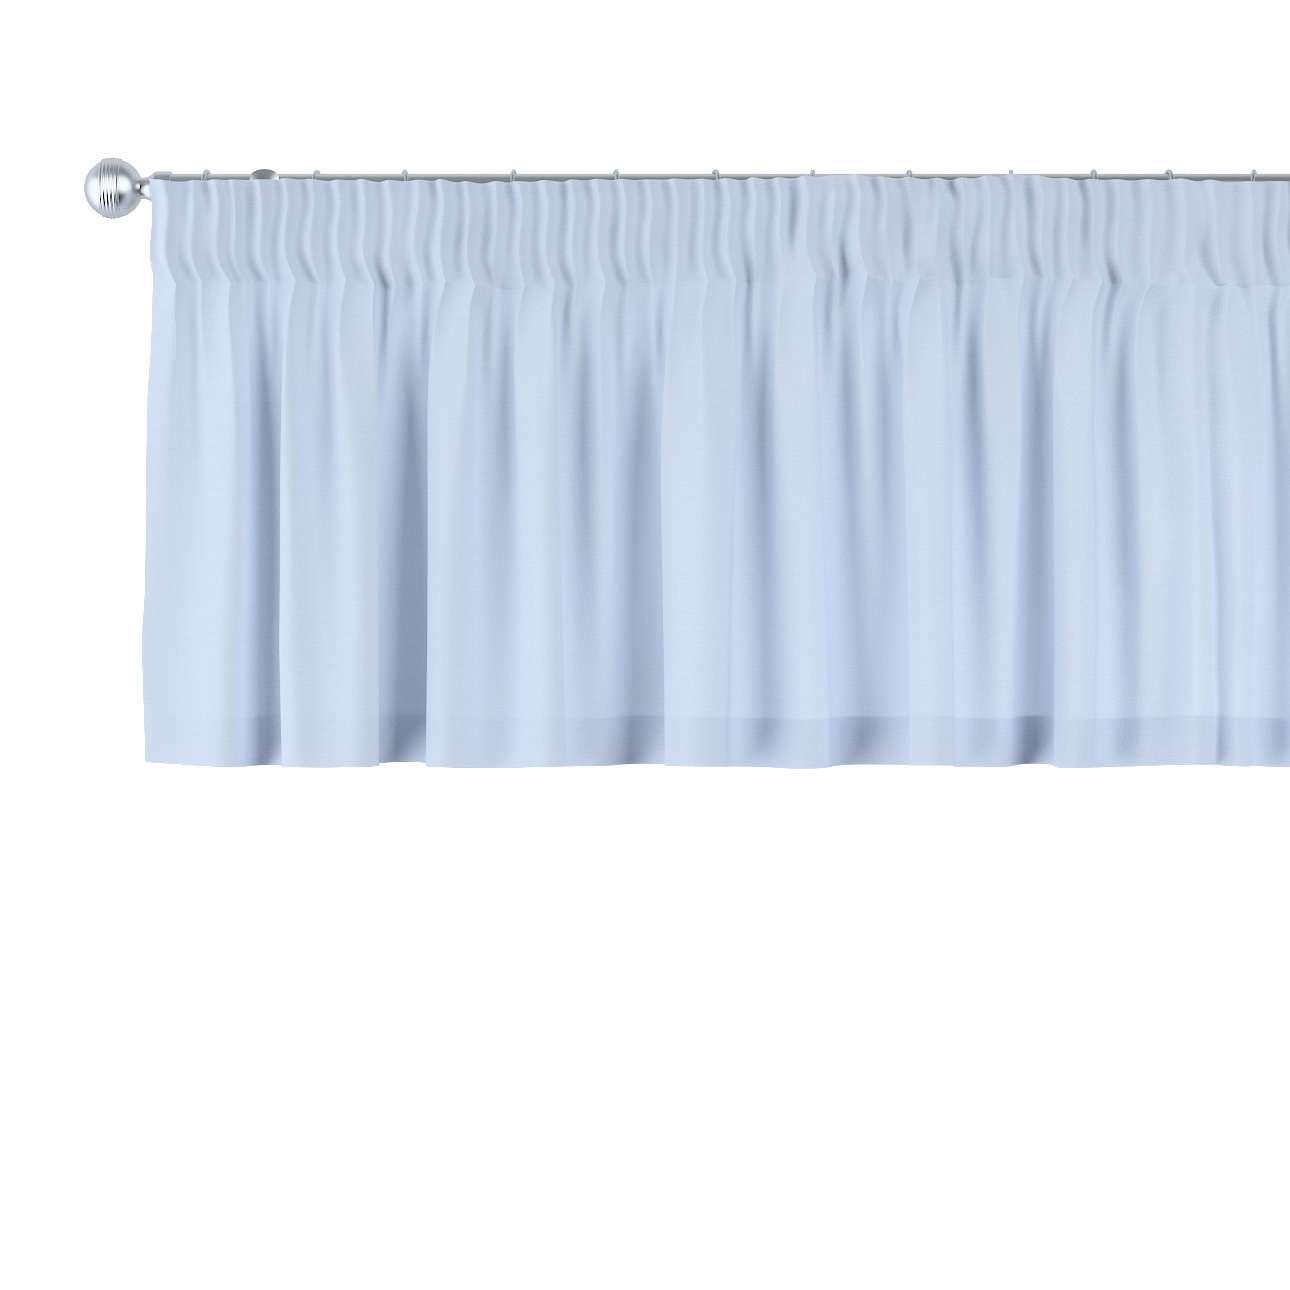 Gardinkappe med rynkebånd fra kollektionen Loneta, Stof: 133-35